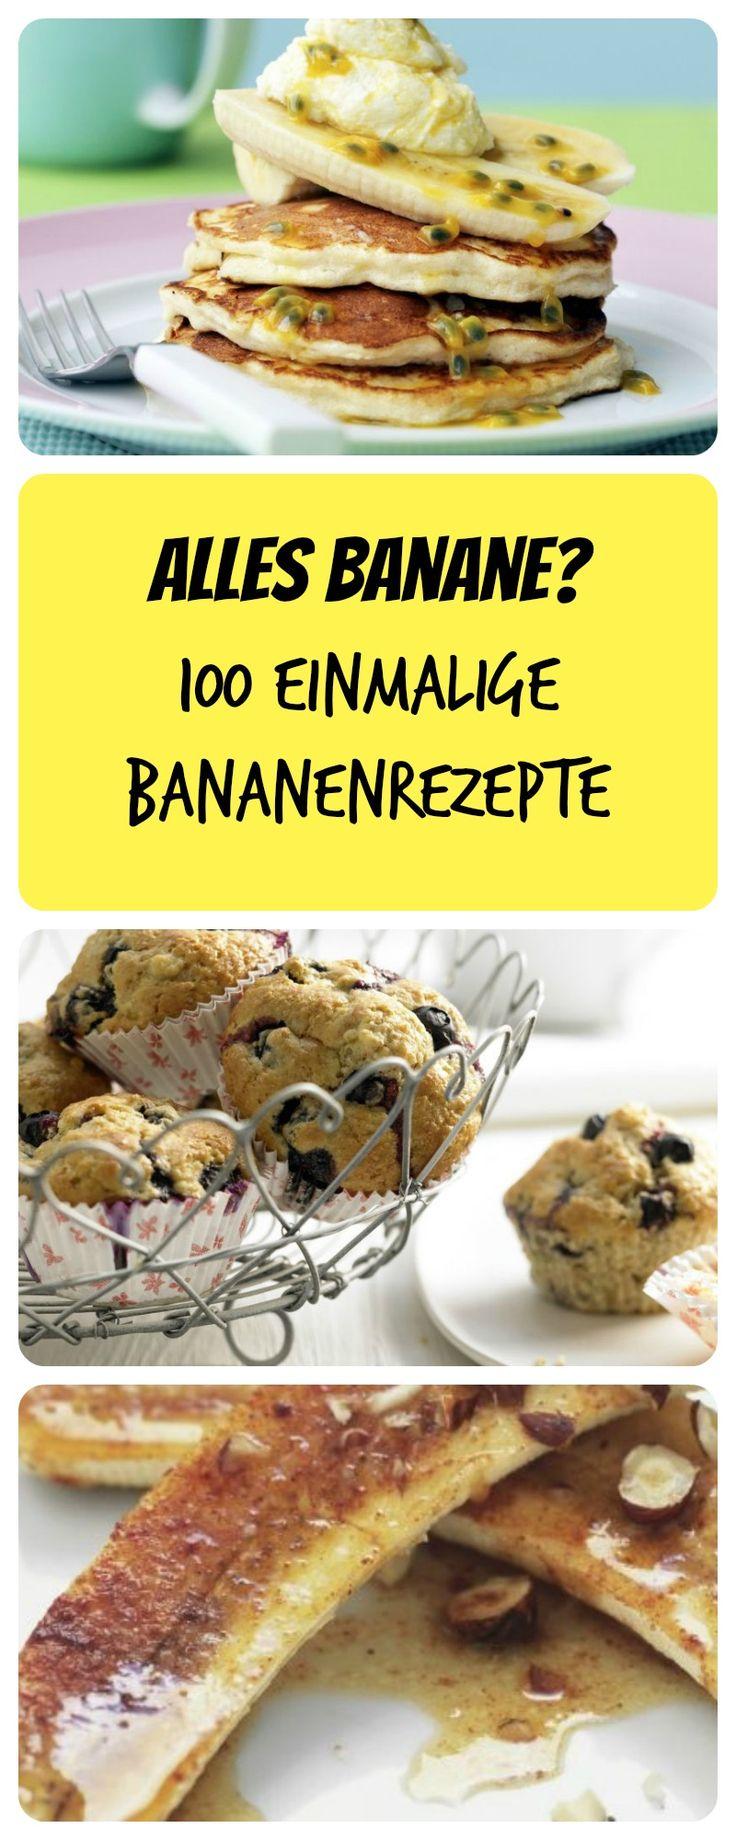 Die Banane ist so vielfältig, sie schmeckt einfach immer. Süß, pikant, warm oder kalt. Finden Sie Ihr persönliches Bananenrezept!